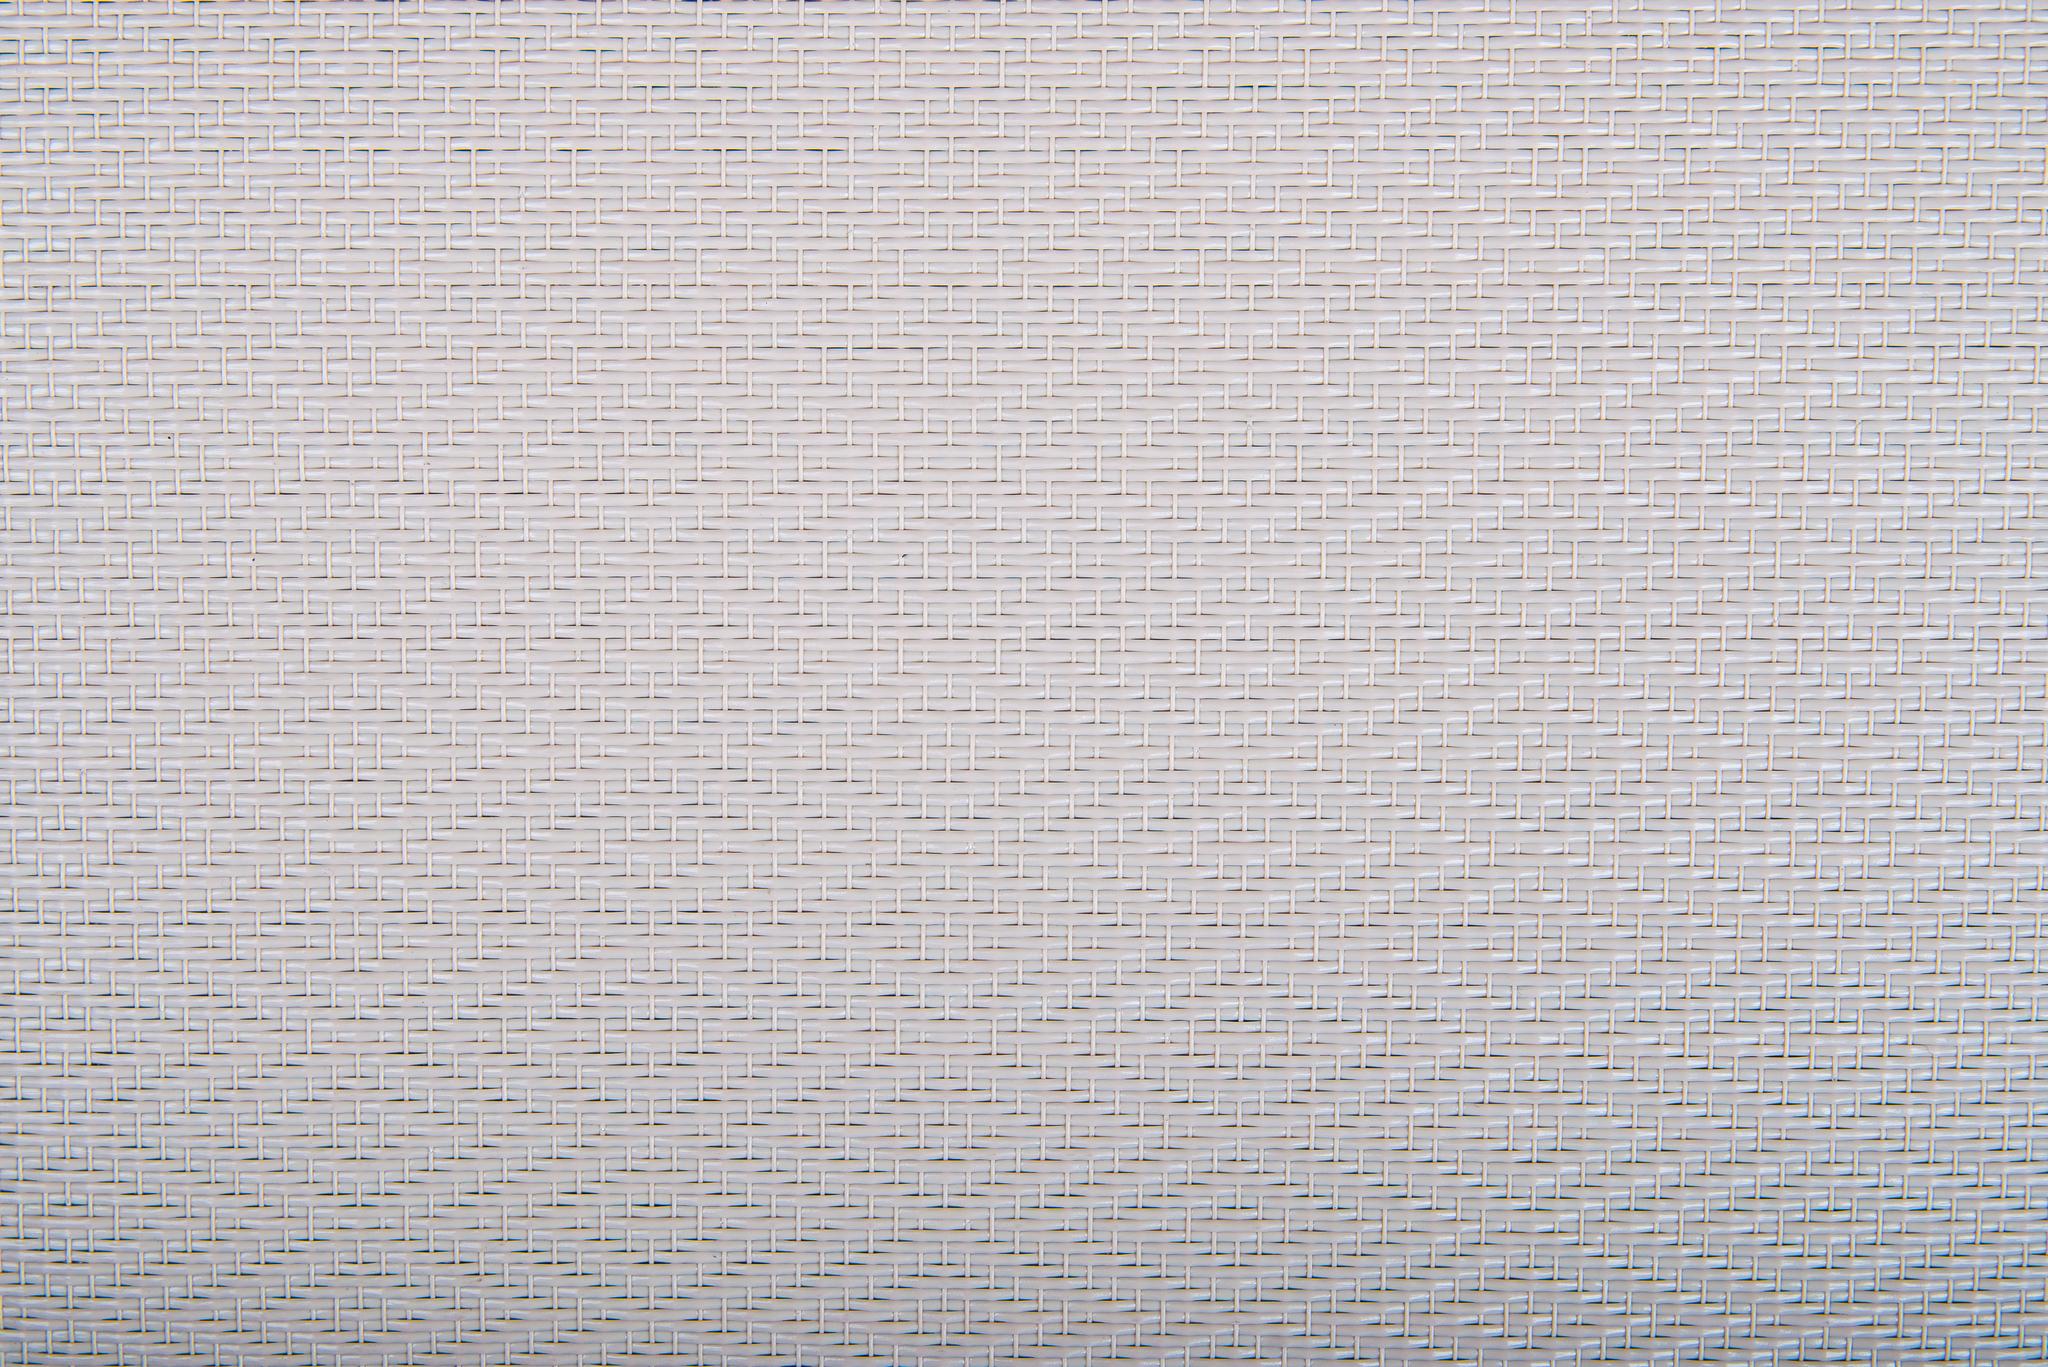 Плетеный виниловый пол Hoffmann - Simple (ECO - 11006 BS)